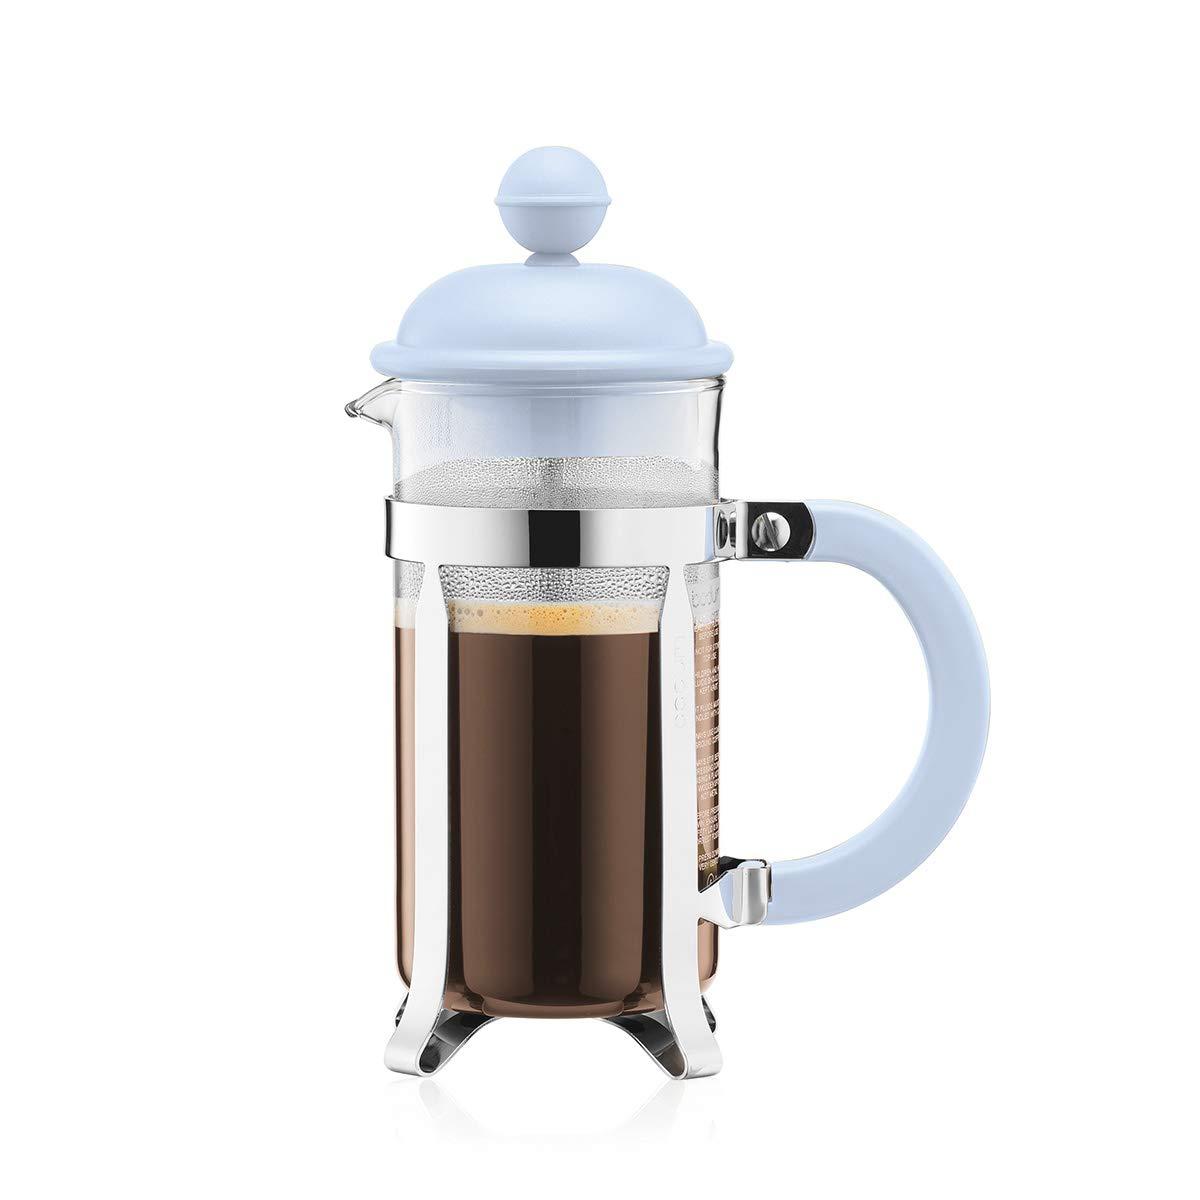 Bodum 1913-338B-Y19 Caffettiera French Press Coffee and Tea Maker, 12 Oz, Light Blue